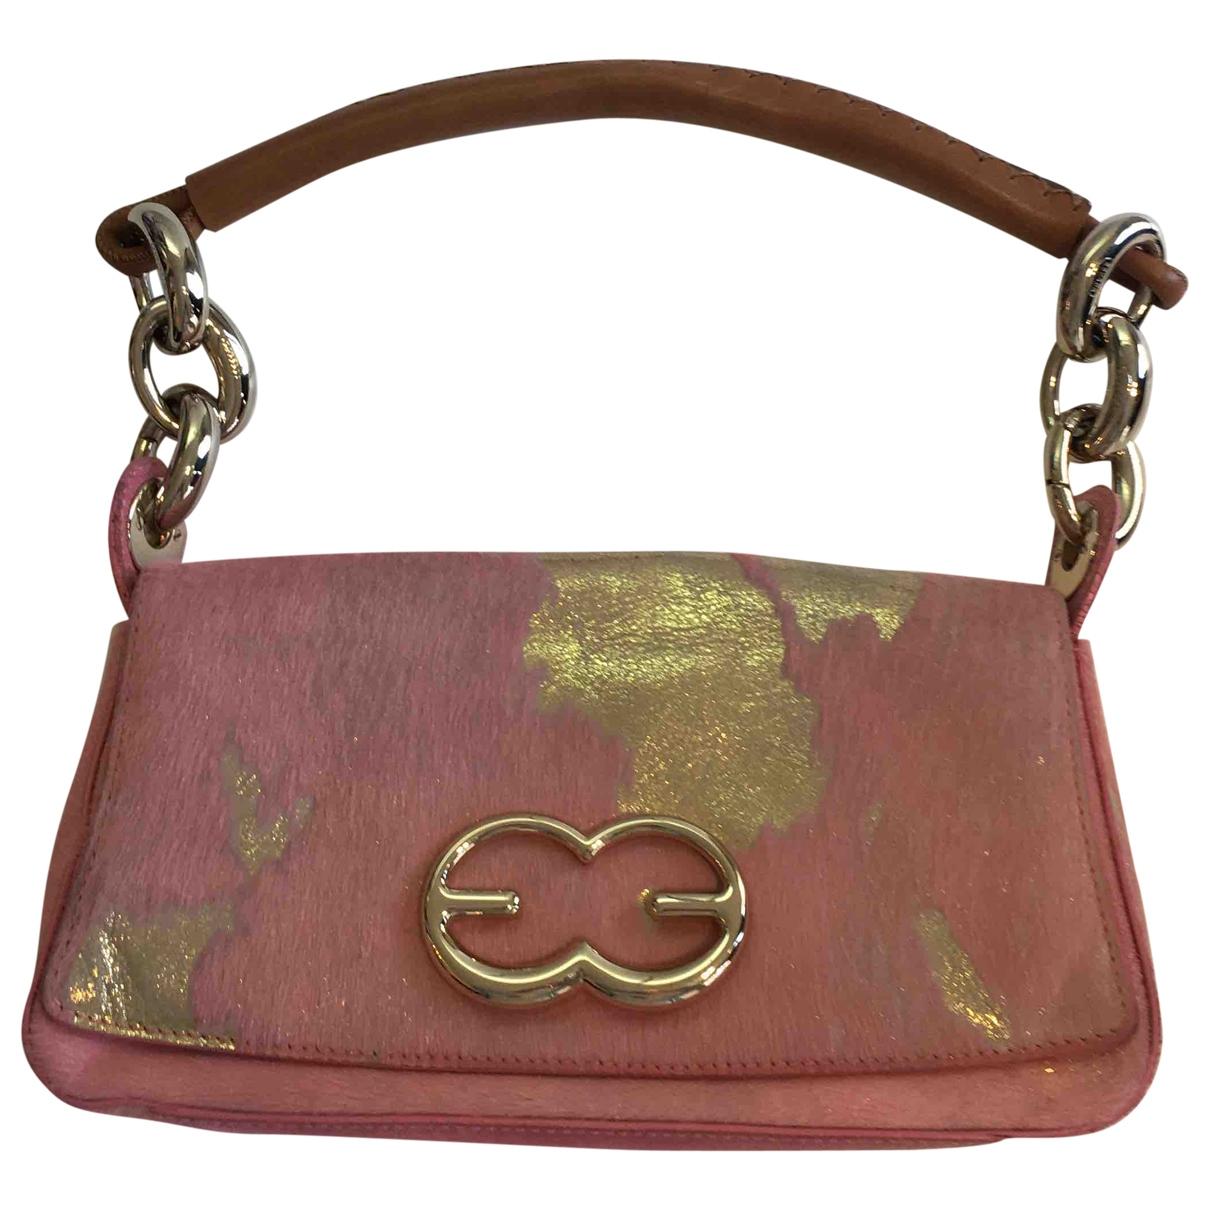 Escada Heart bag Handtasche in  Rosa Leder